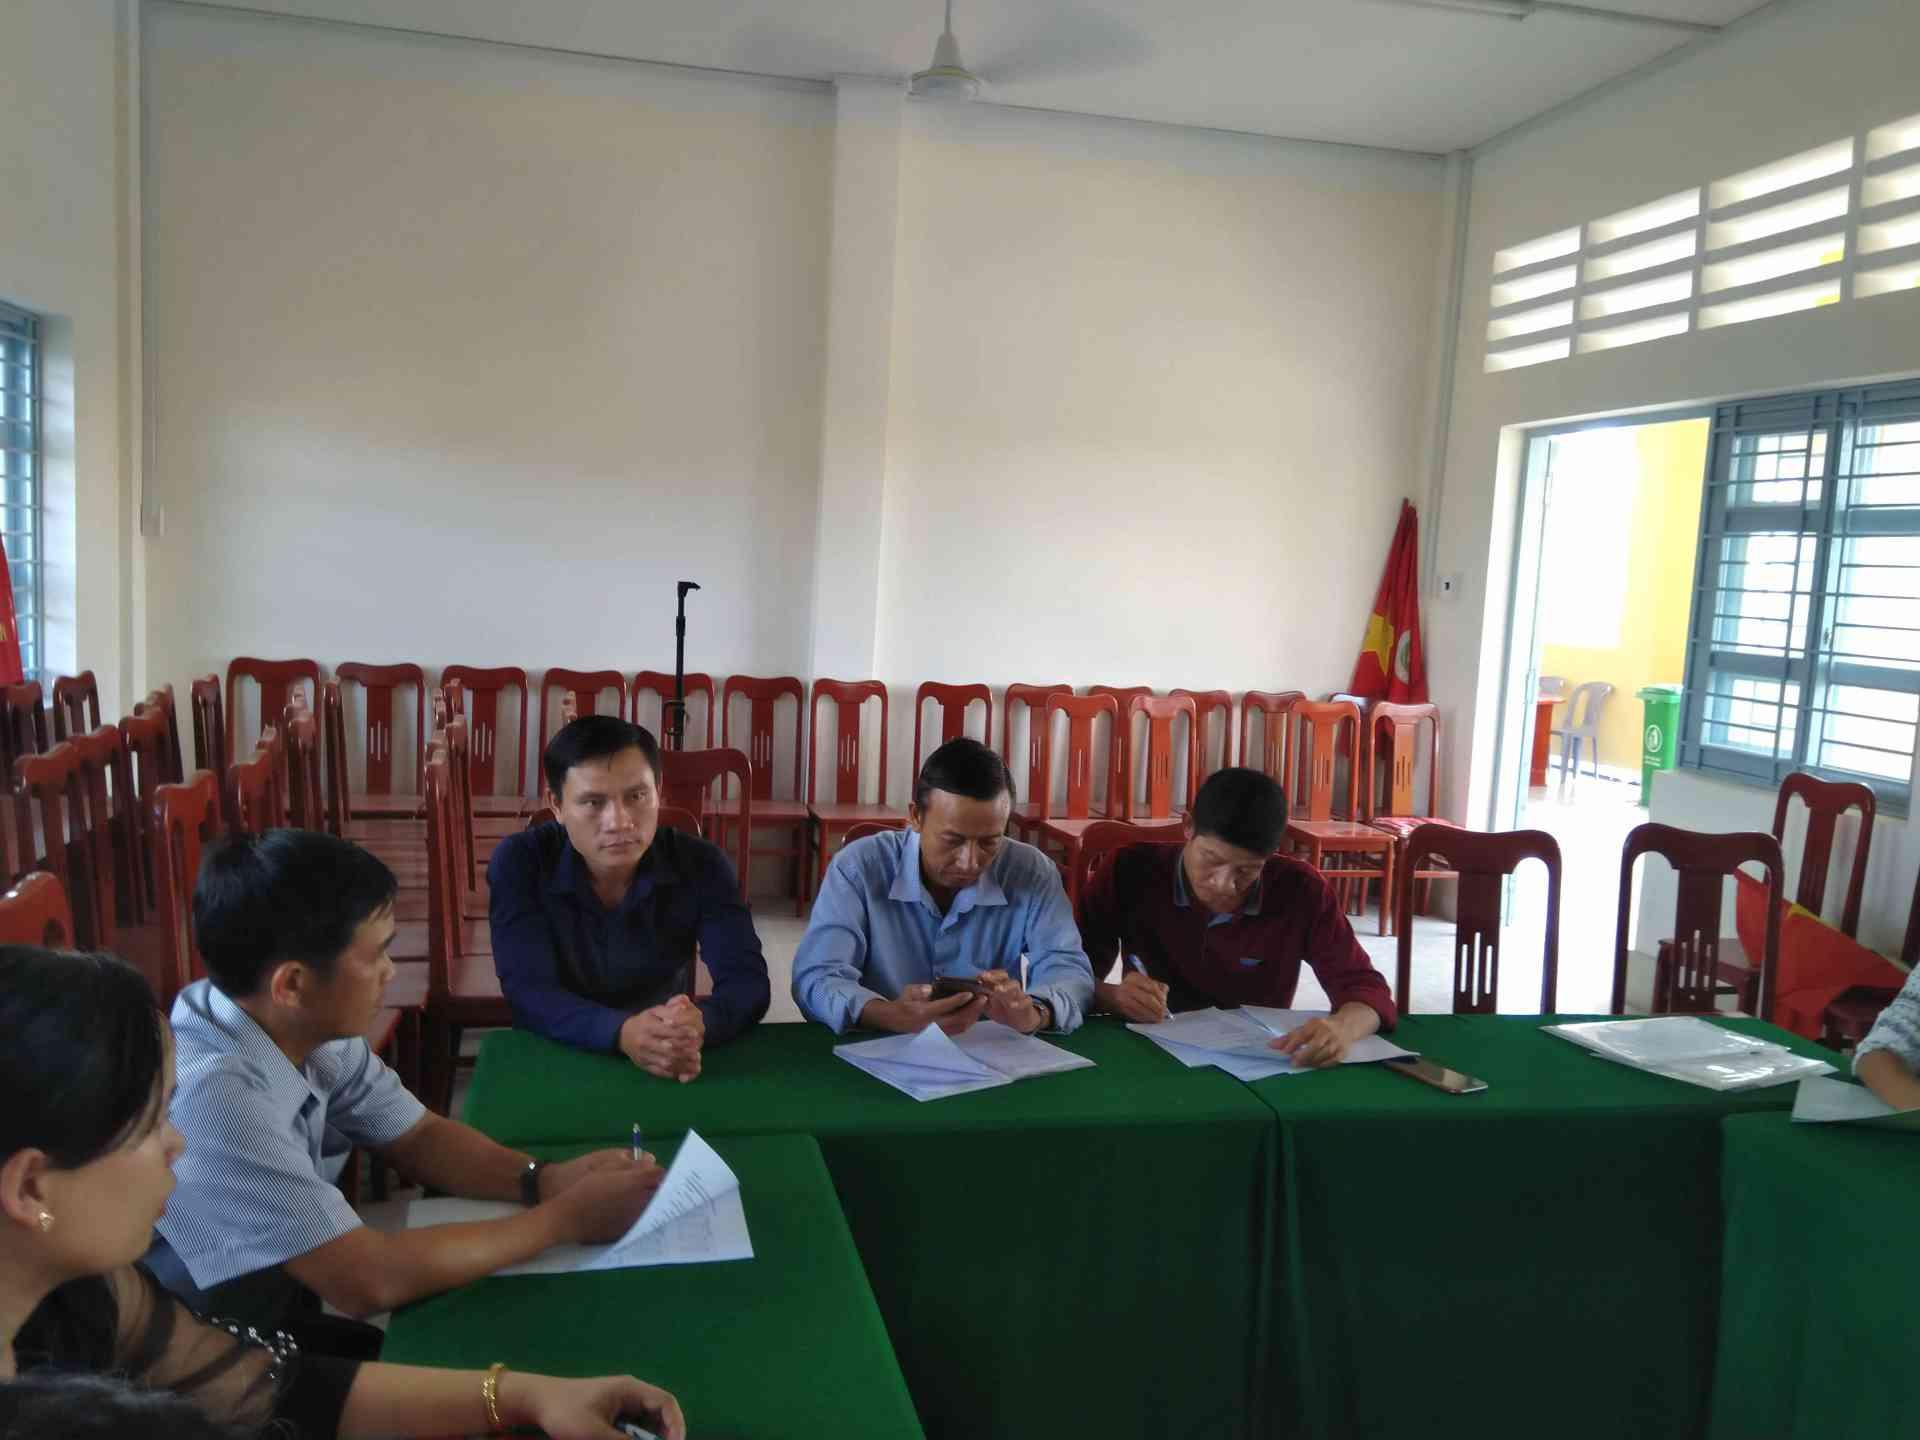 Các giao viên đóng góp ý kiến trong hội nghị chuyên môn.